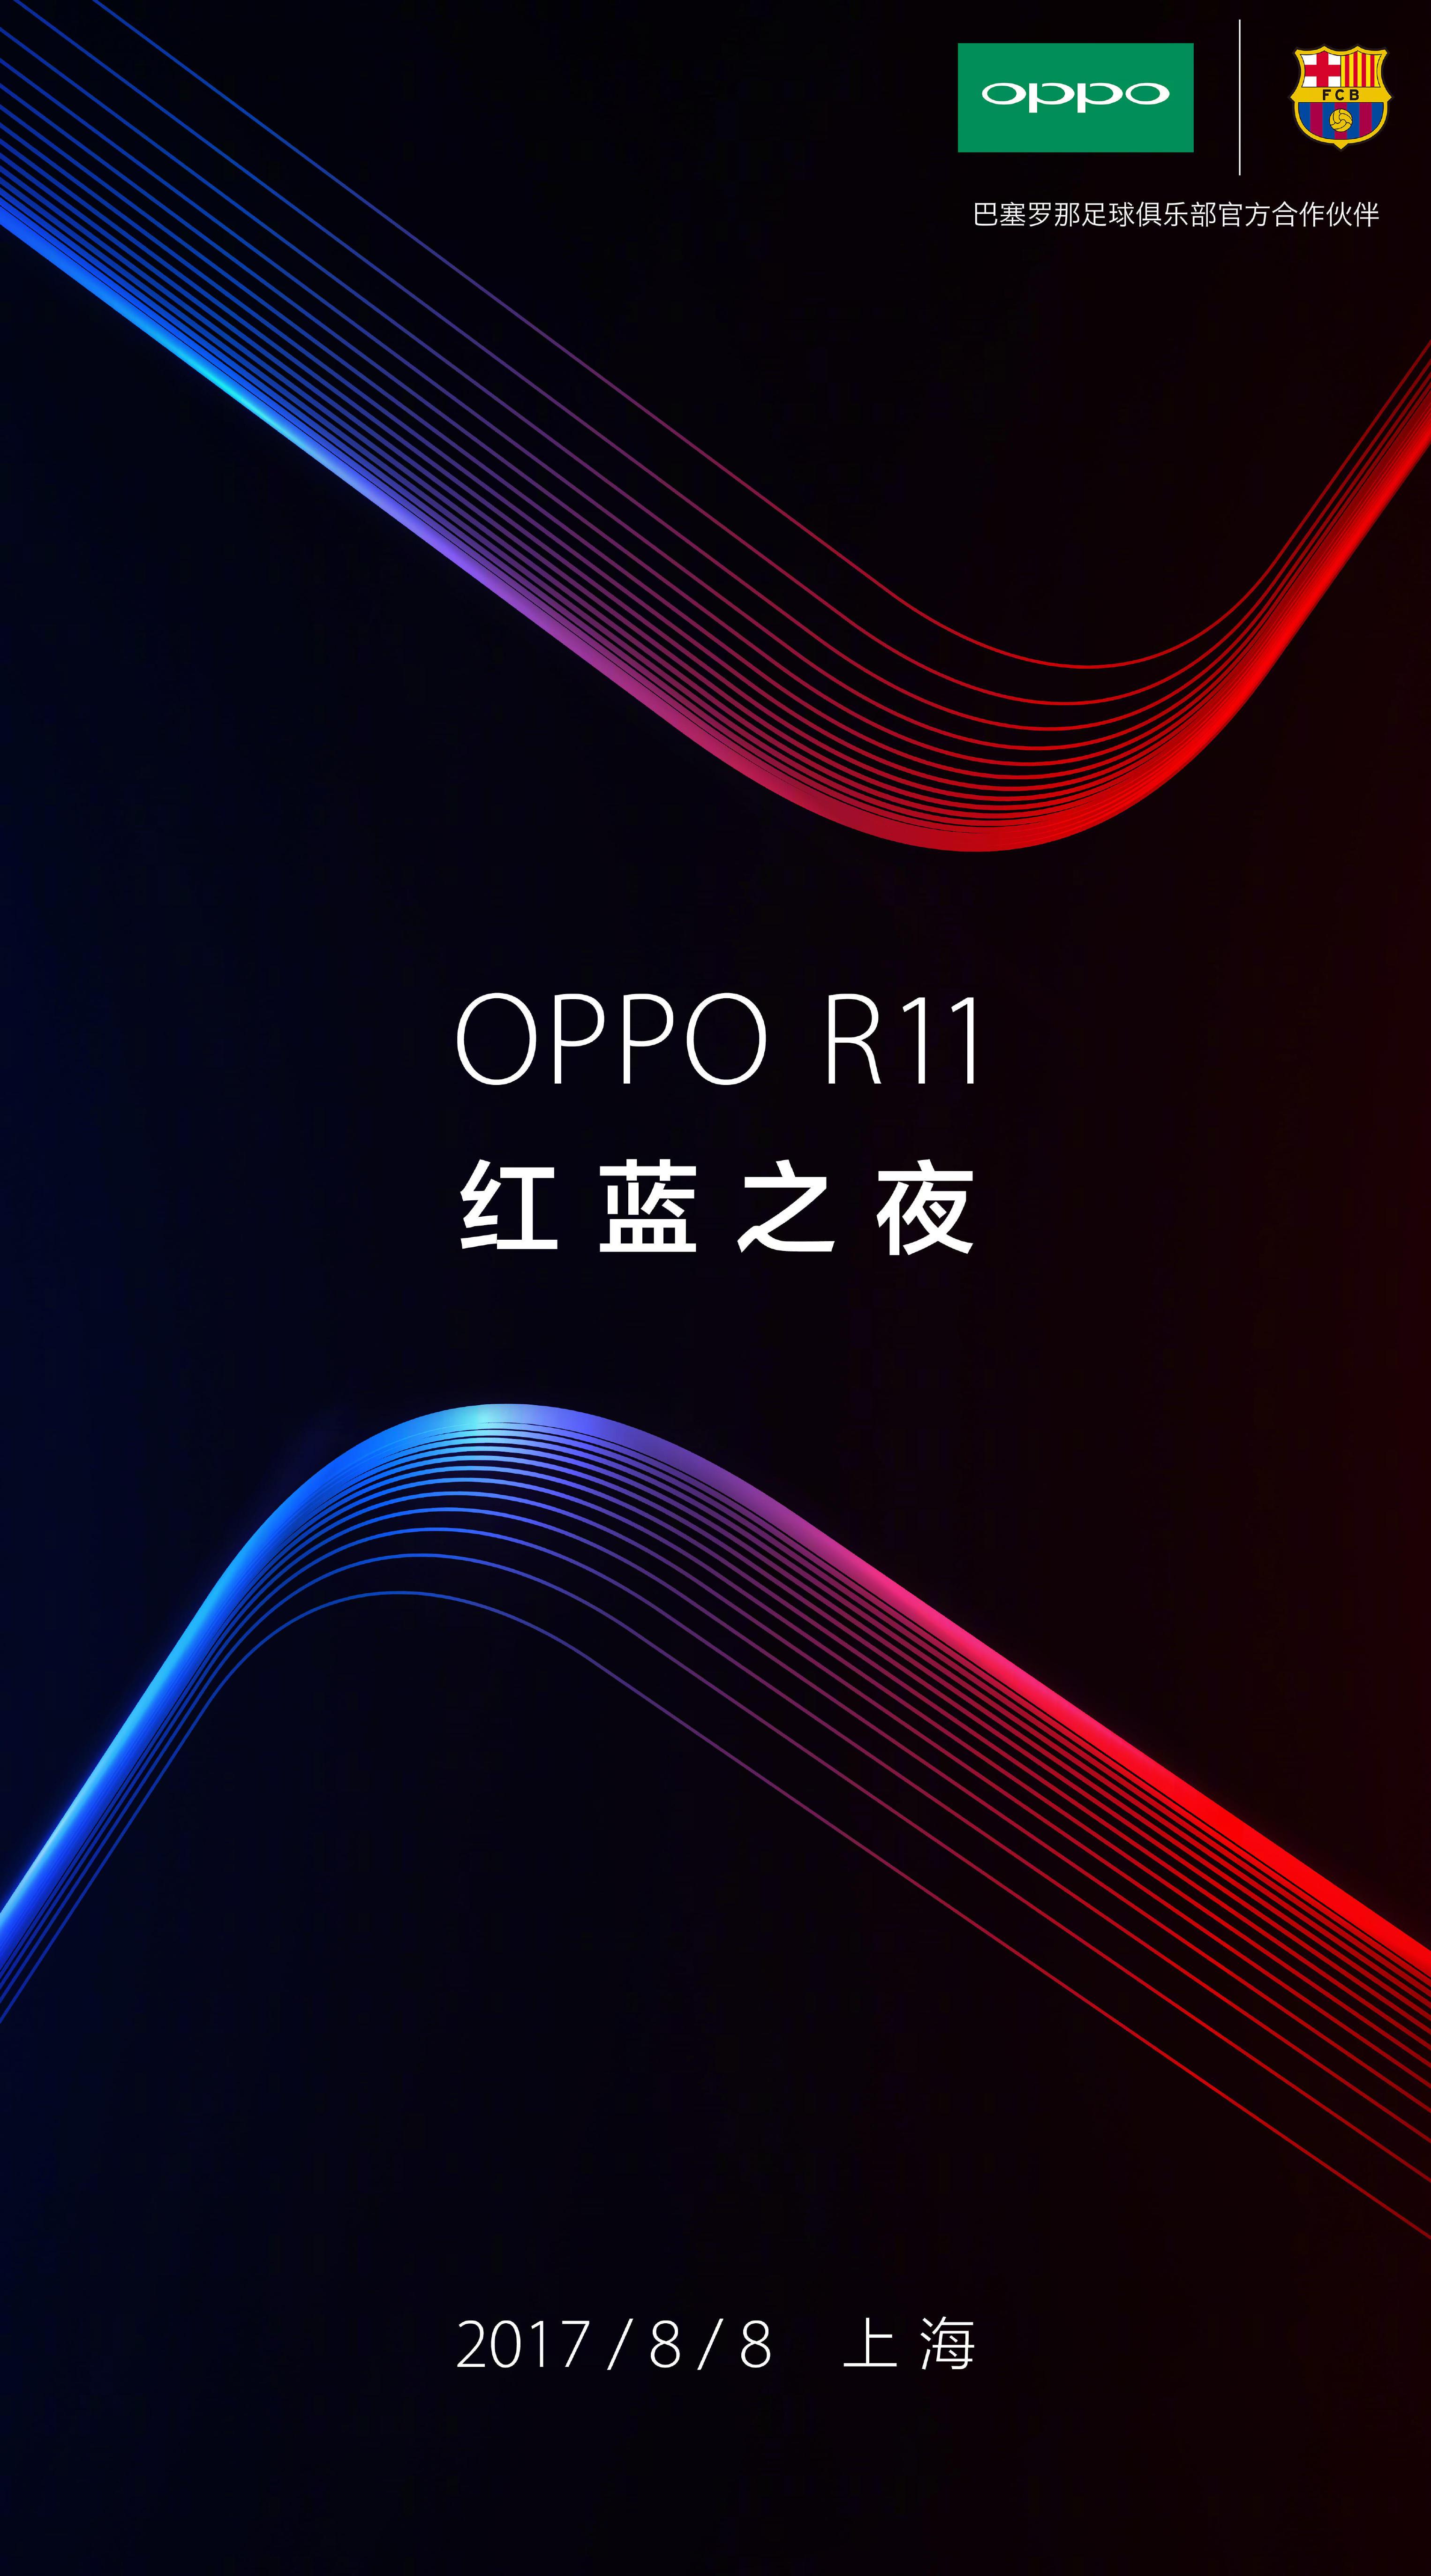 Oppo R11 launch invite